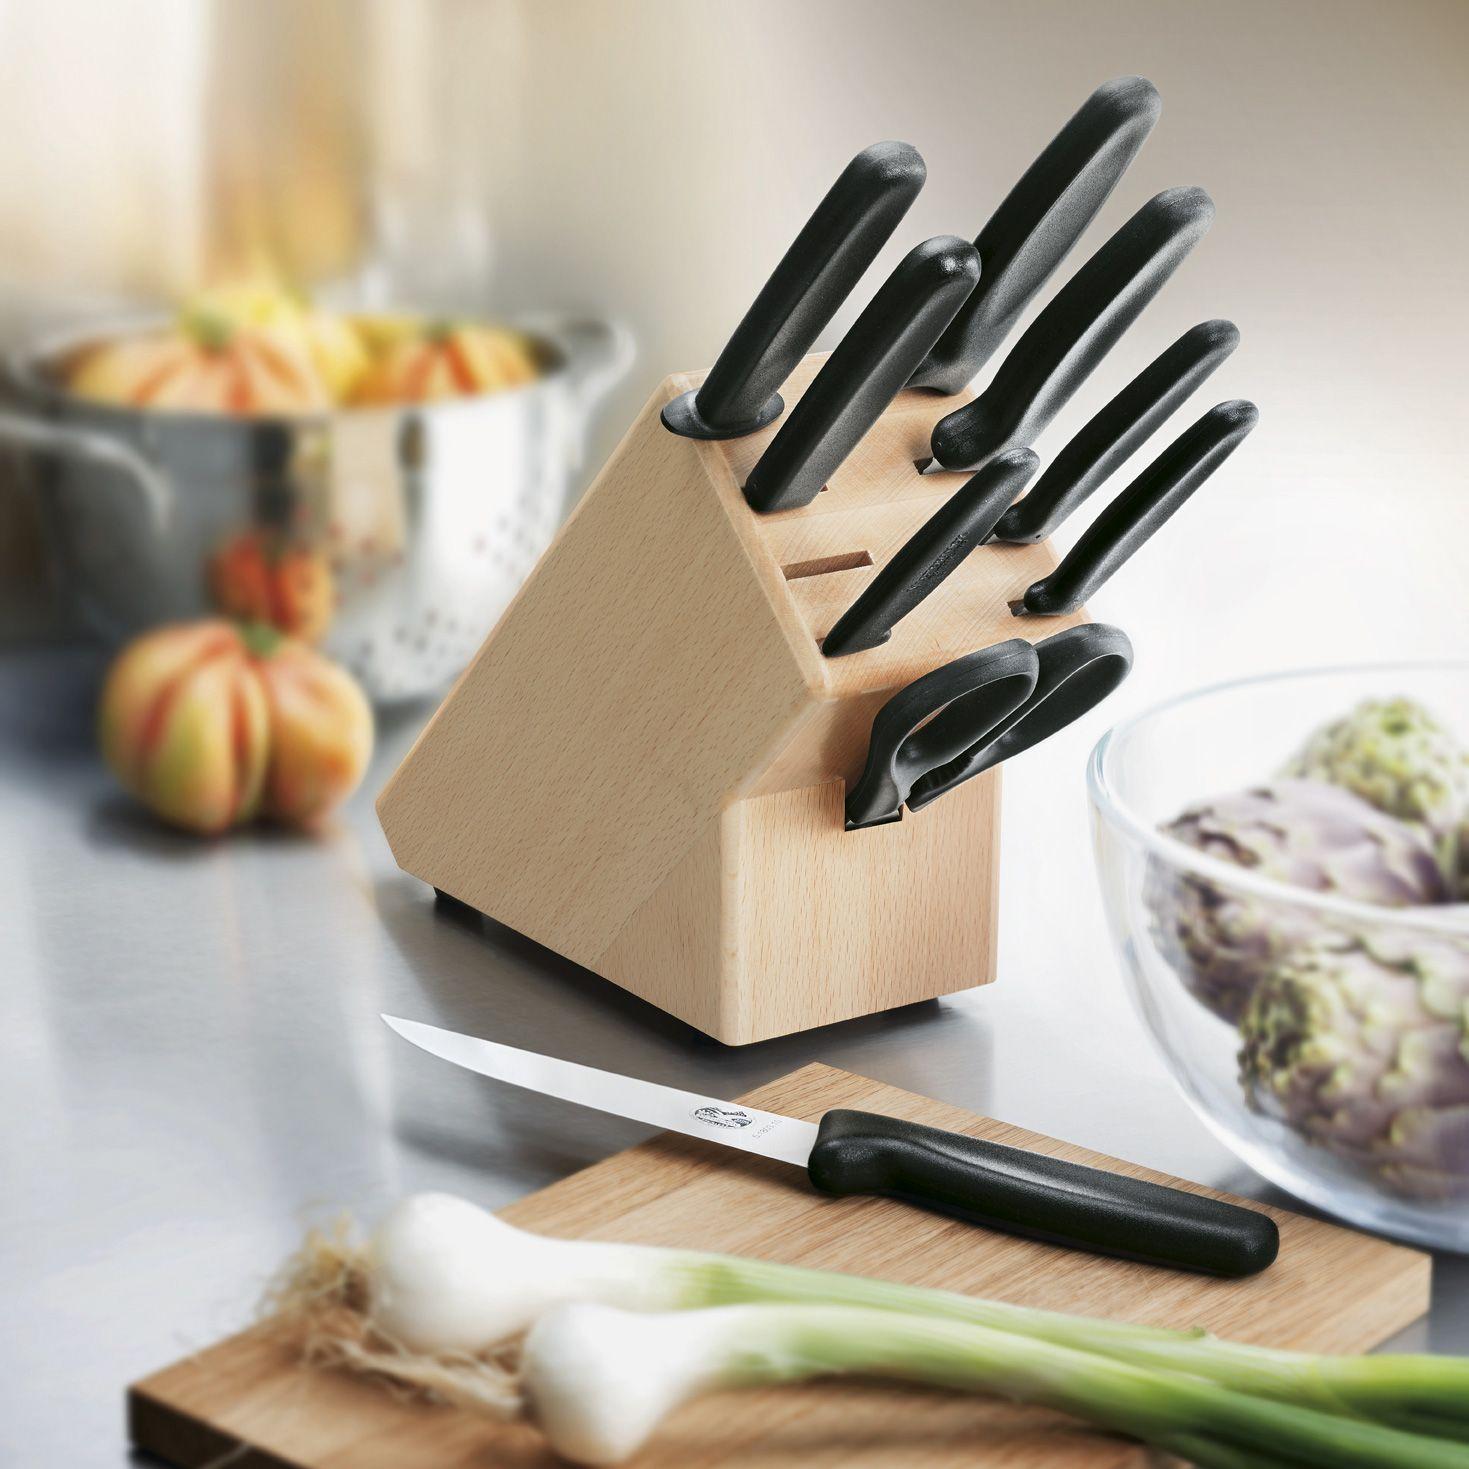 Набор Victorinox из 6 ножей, ножниц, мусата и поварской вилки в подставке